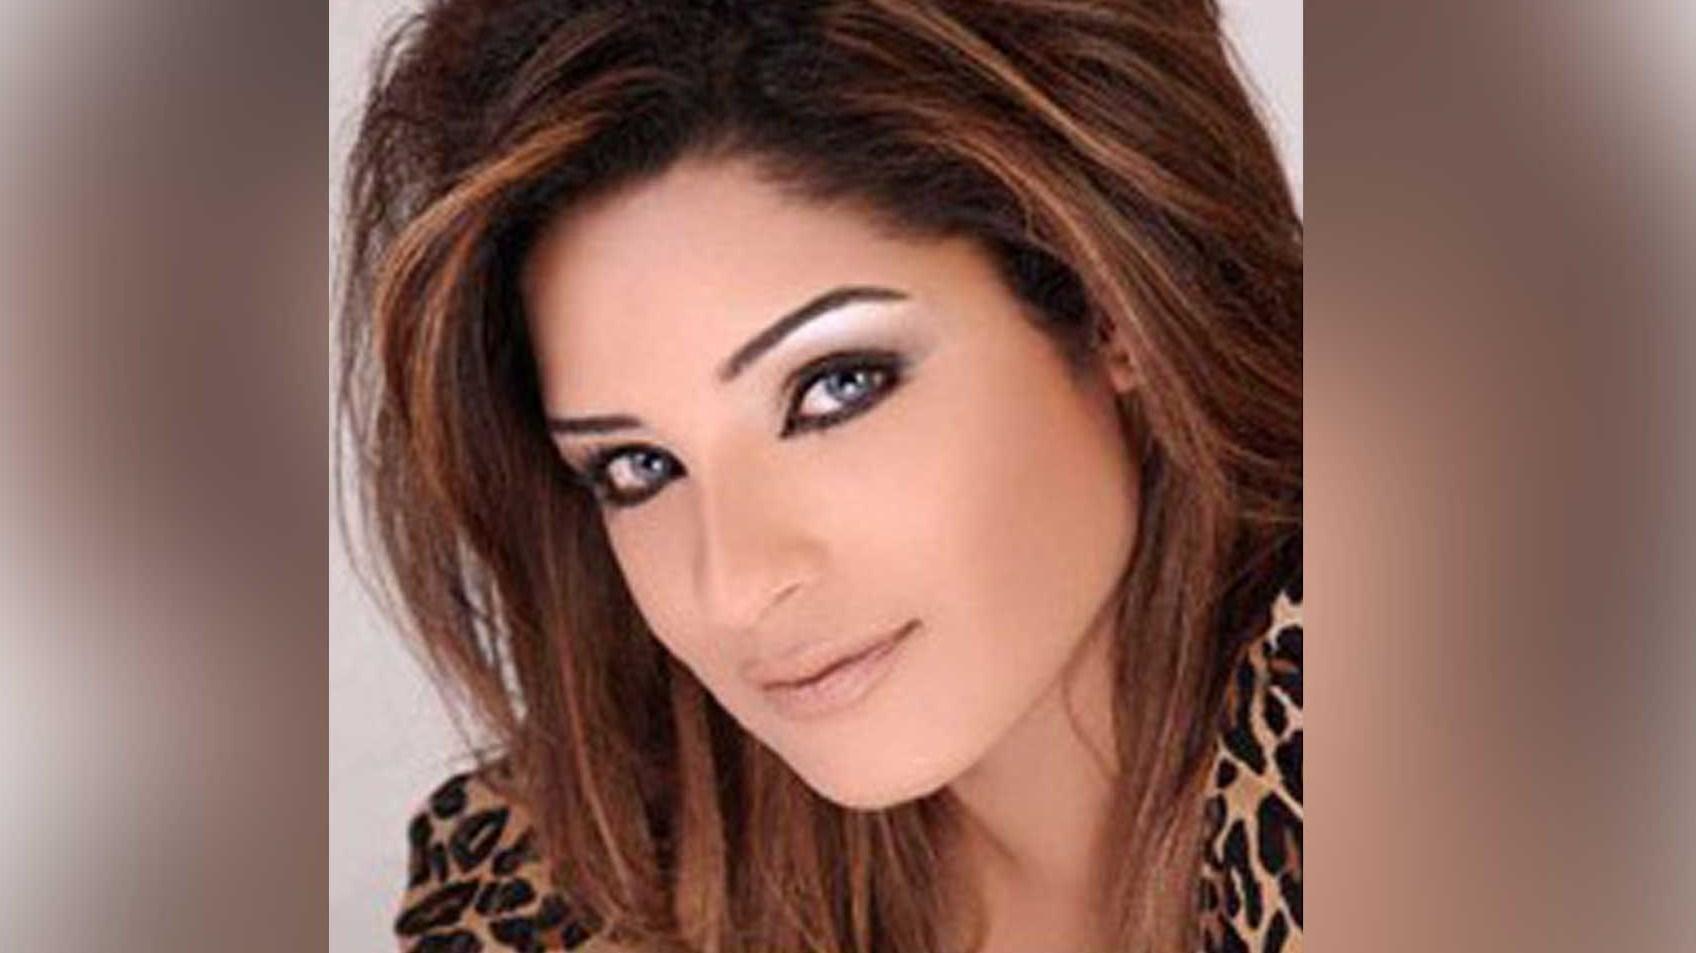 مرام البلوشي لا تتابع أعمالها في رمضان وتندهش من الحديث عن خلافات عائلية